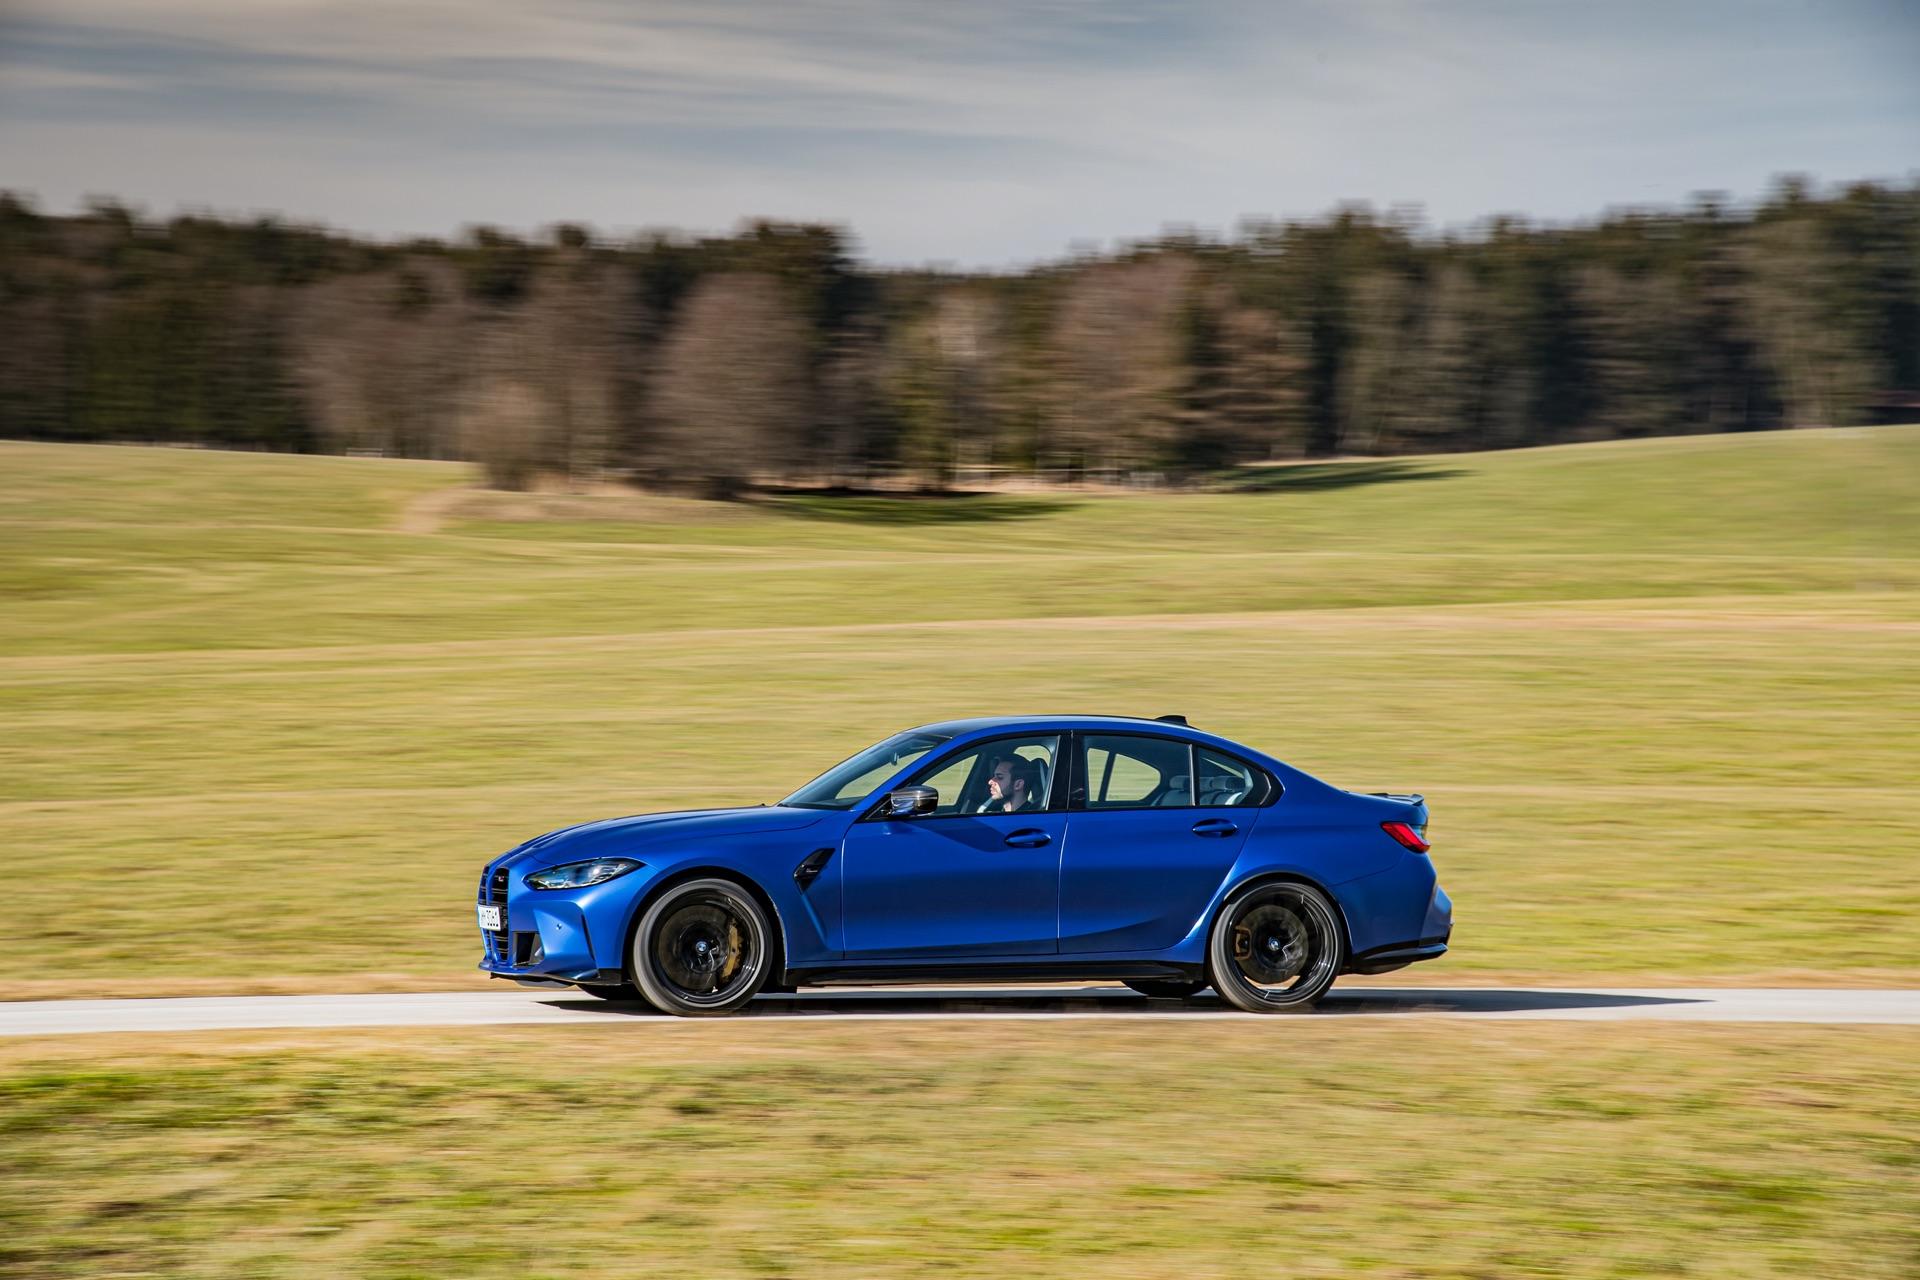 Portimao Blue BMW G80 M3 0-100